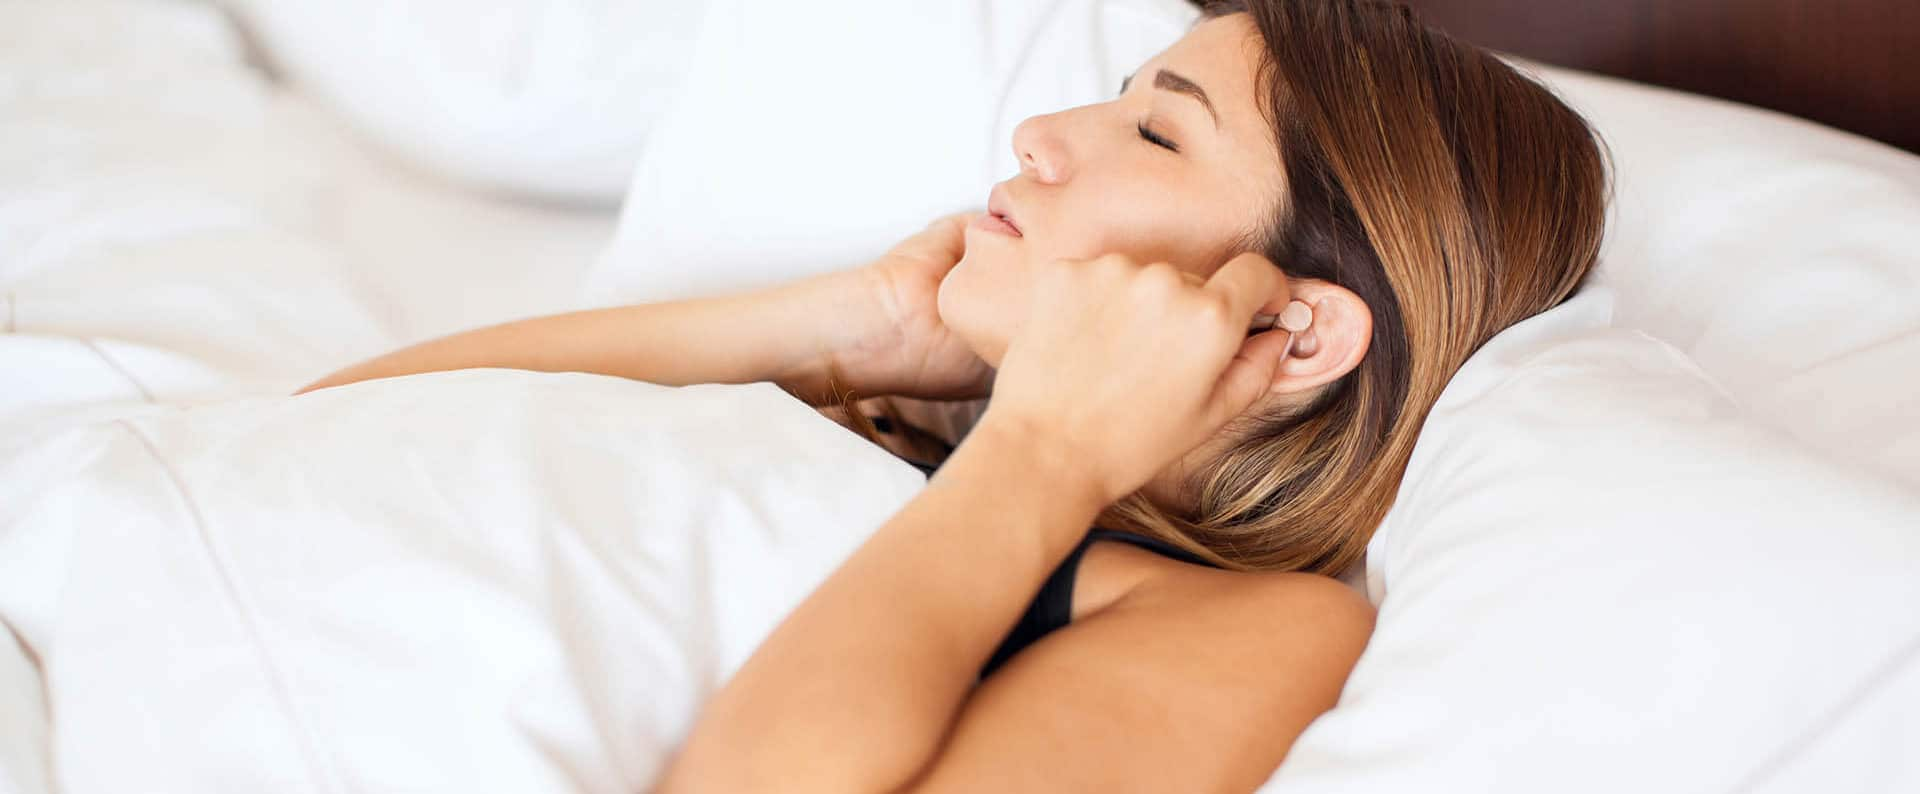 Best Earplugs for Sleeping Reviewed in Detail